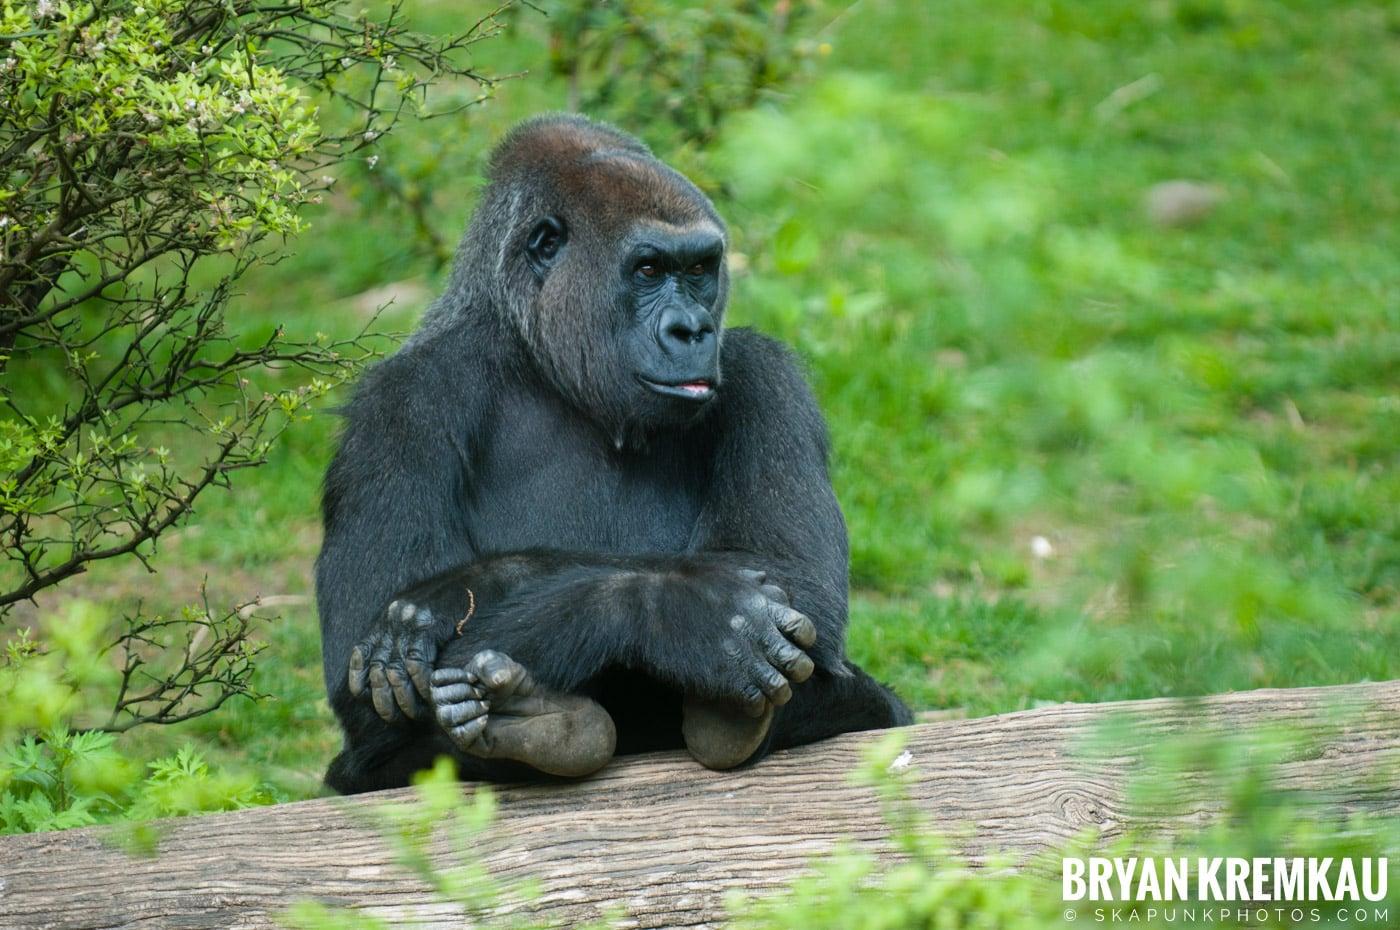 The Bronx Zoo @ Bronx, NYC - 5.7.11 (37)